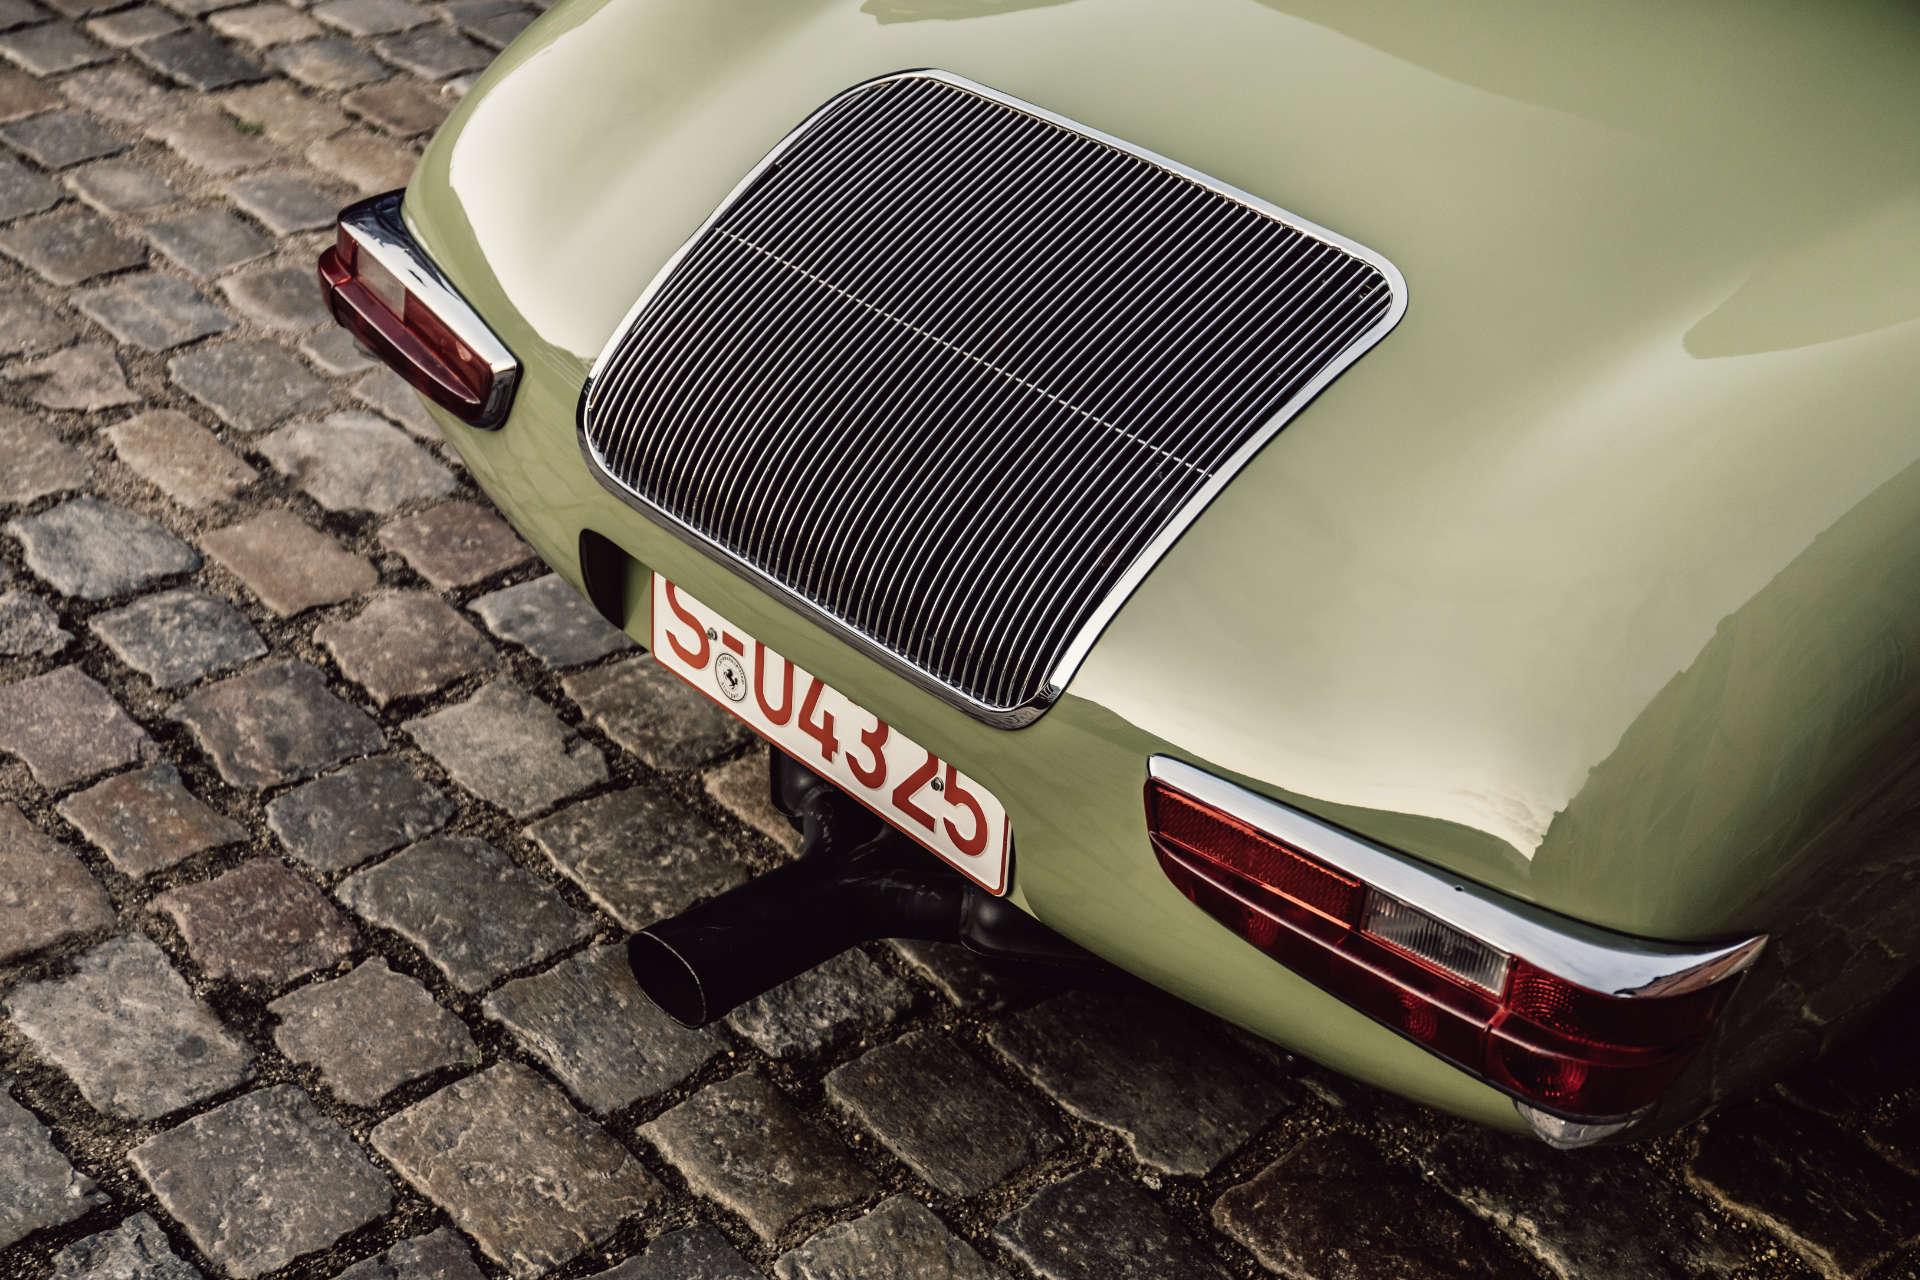 Heckansicht des Wendler-Porsche.